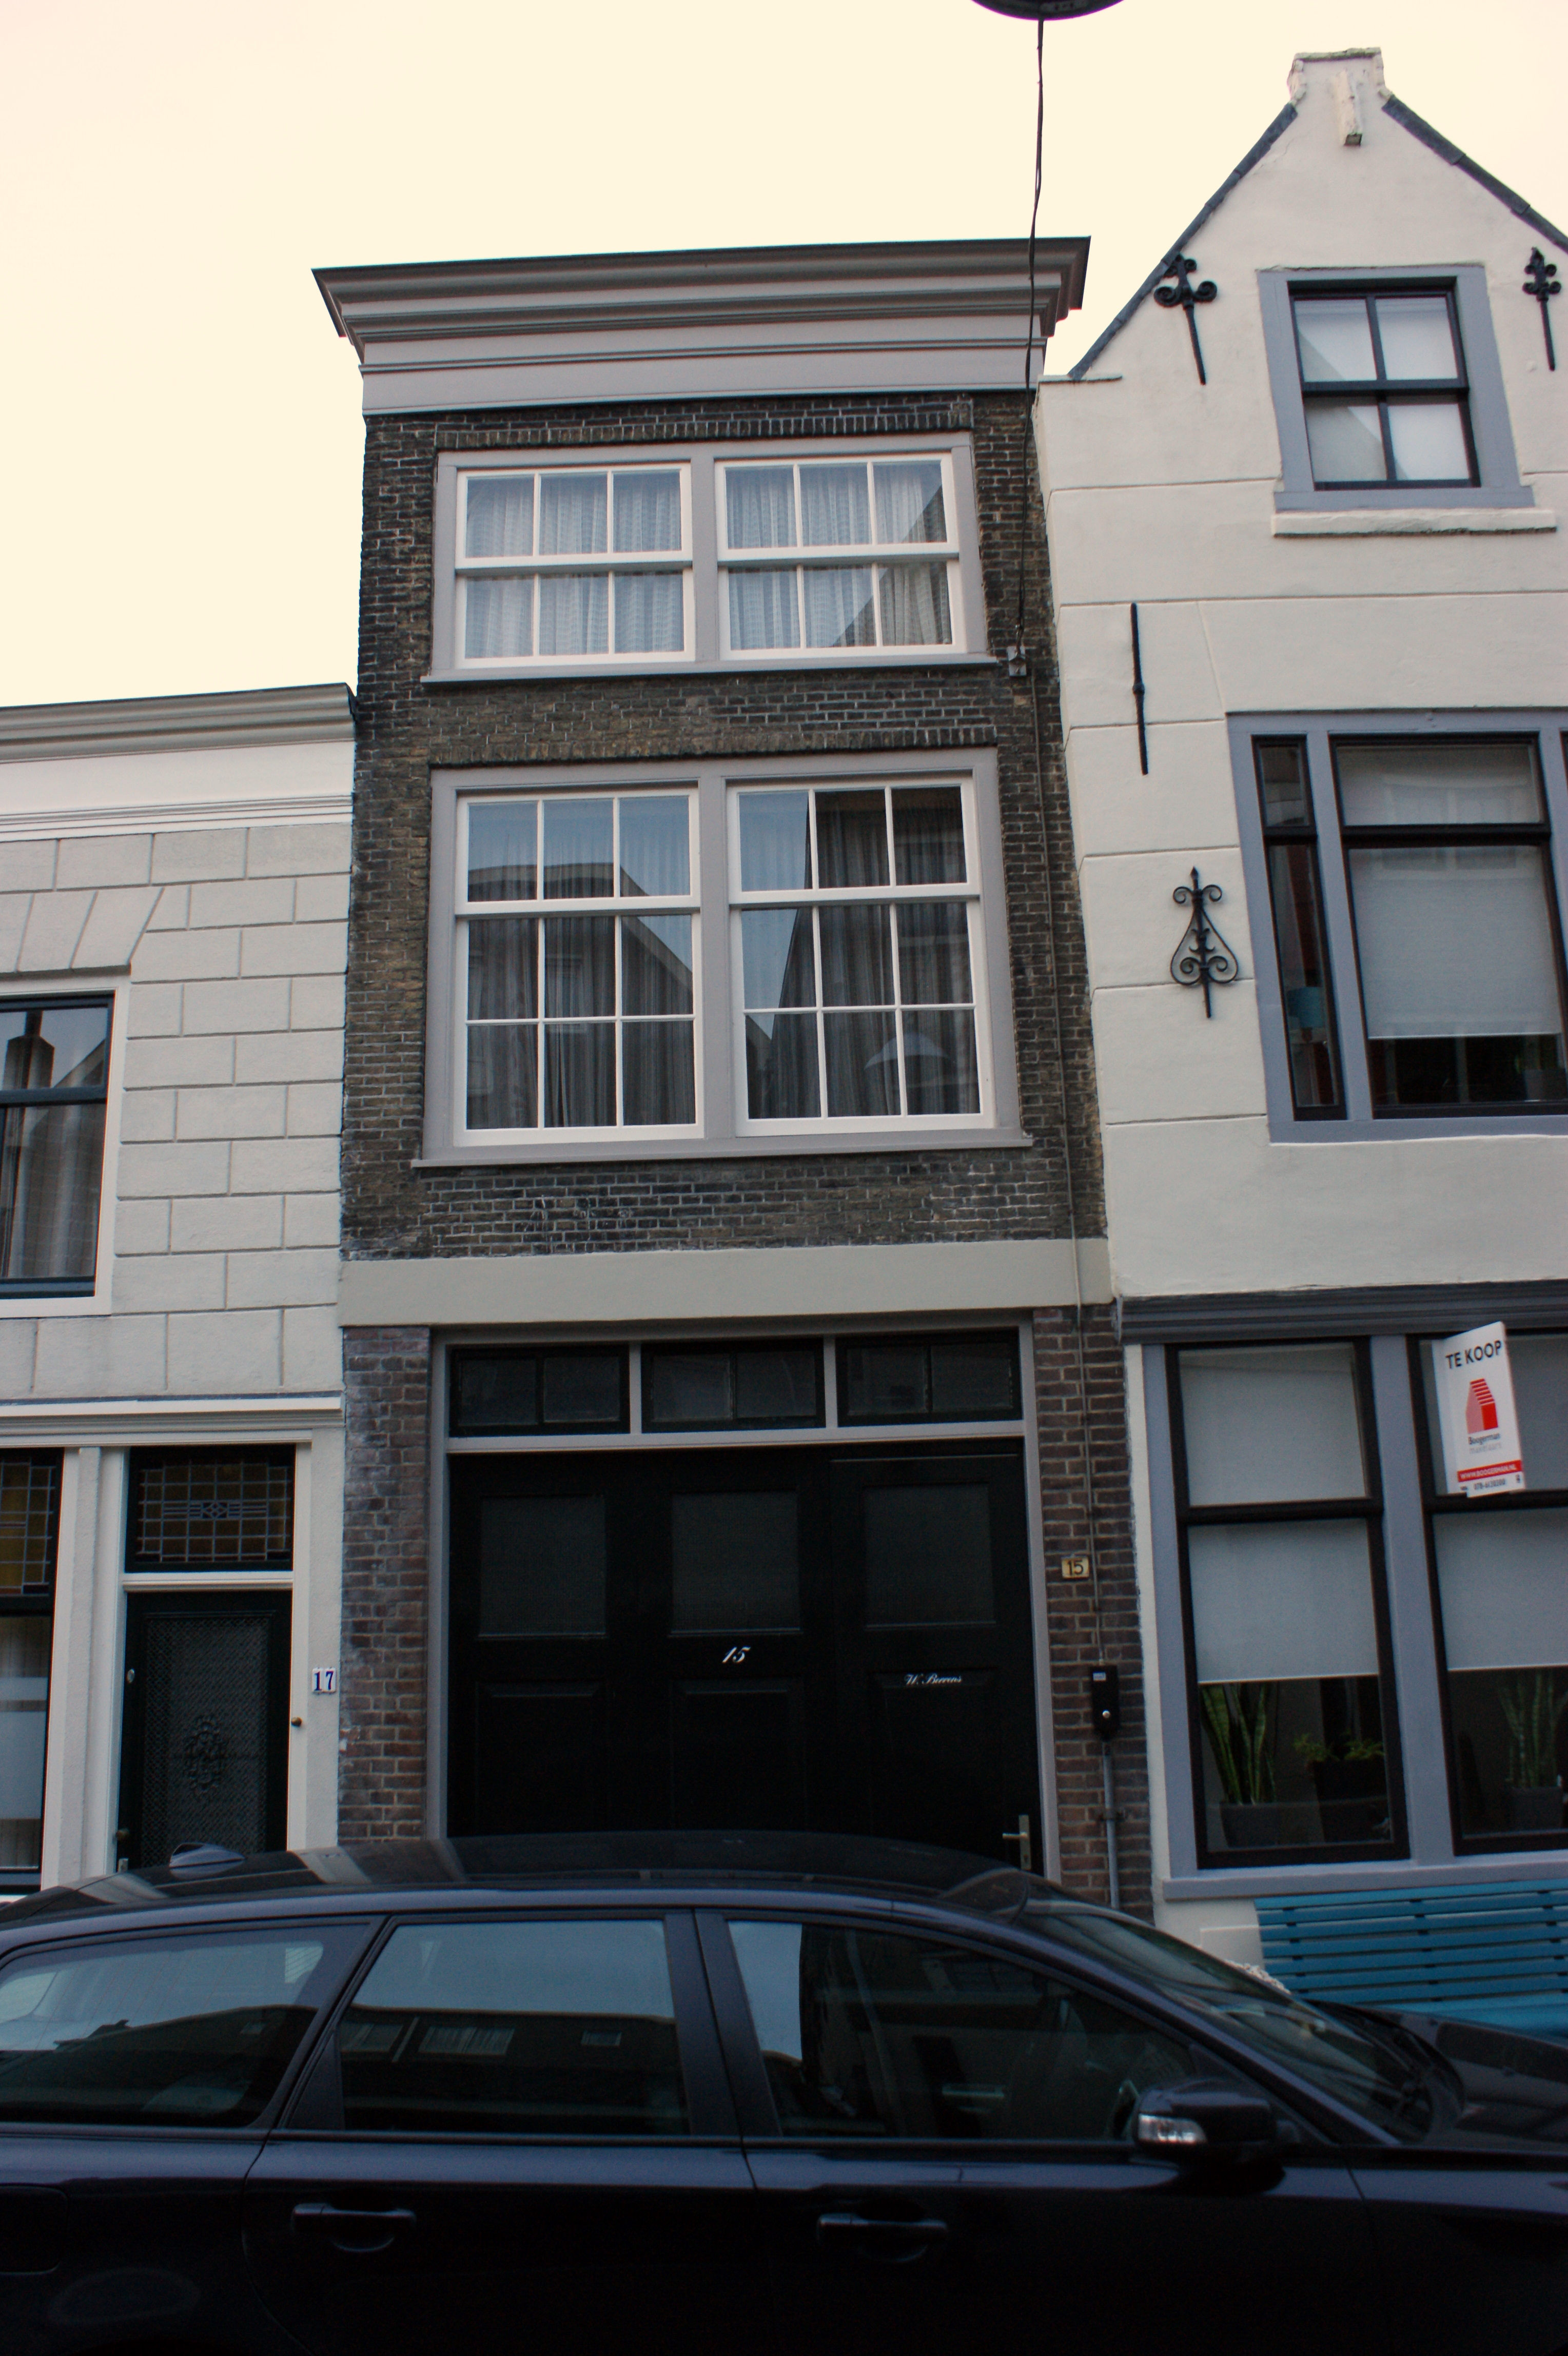 Pand met lijstgevel voor huis met in de gevel oude tweelichtskozijnen en roedenverdeling in - Oude huis gevel ...